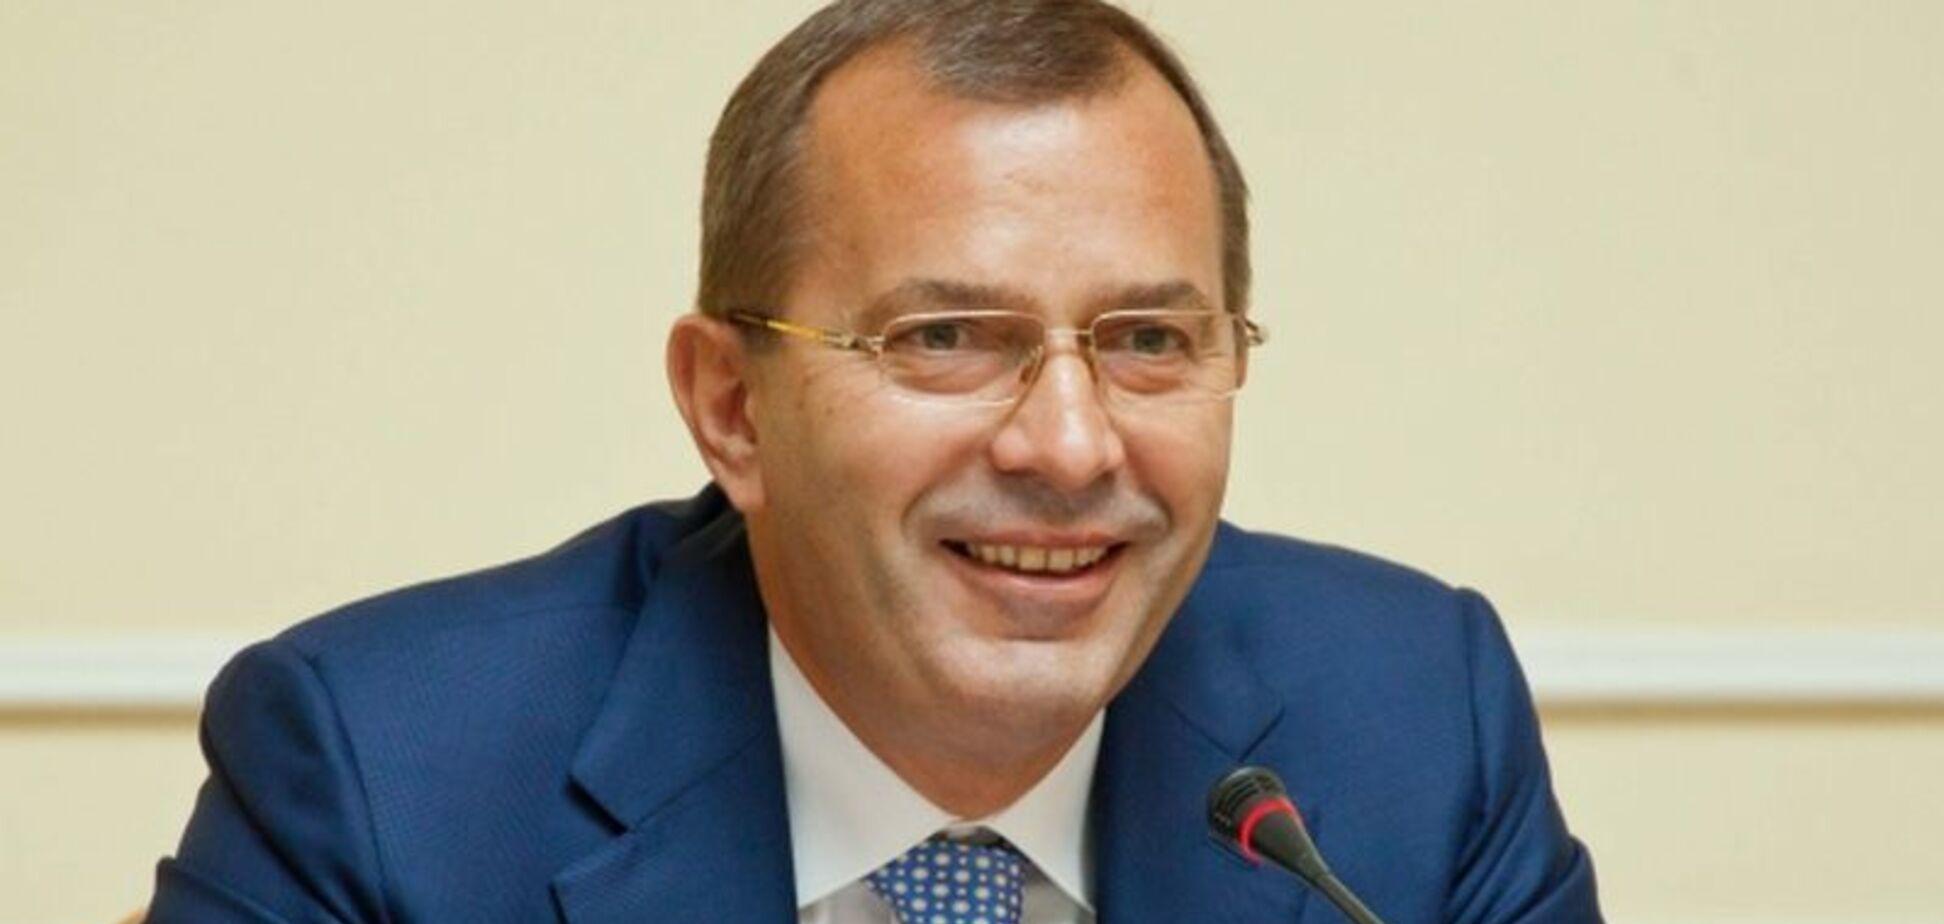 ЄС раптово зняв санкції з поплічника Януковича: що трапилося